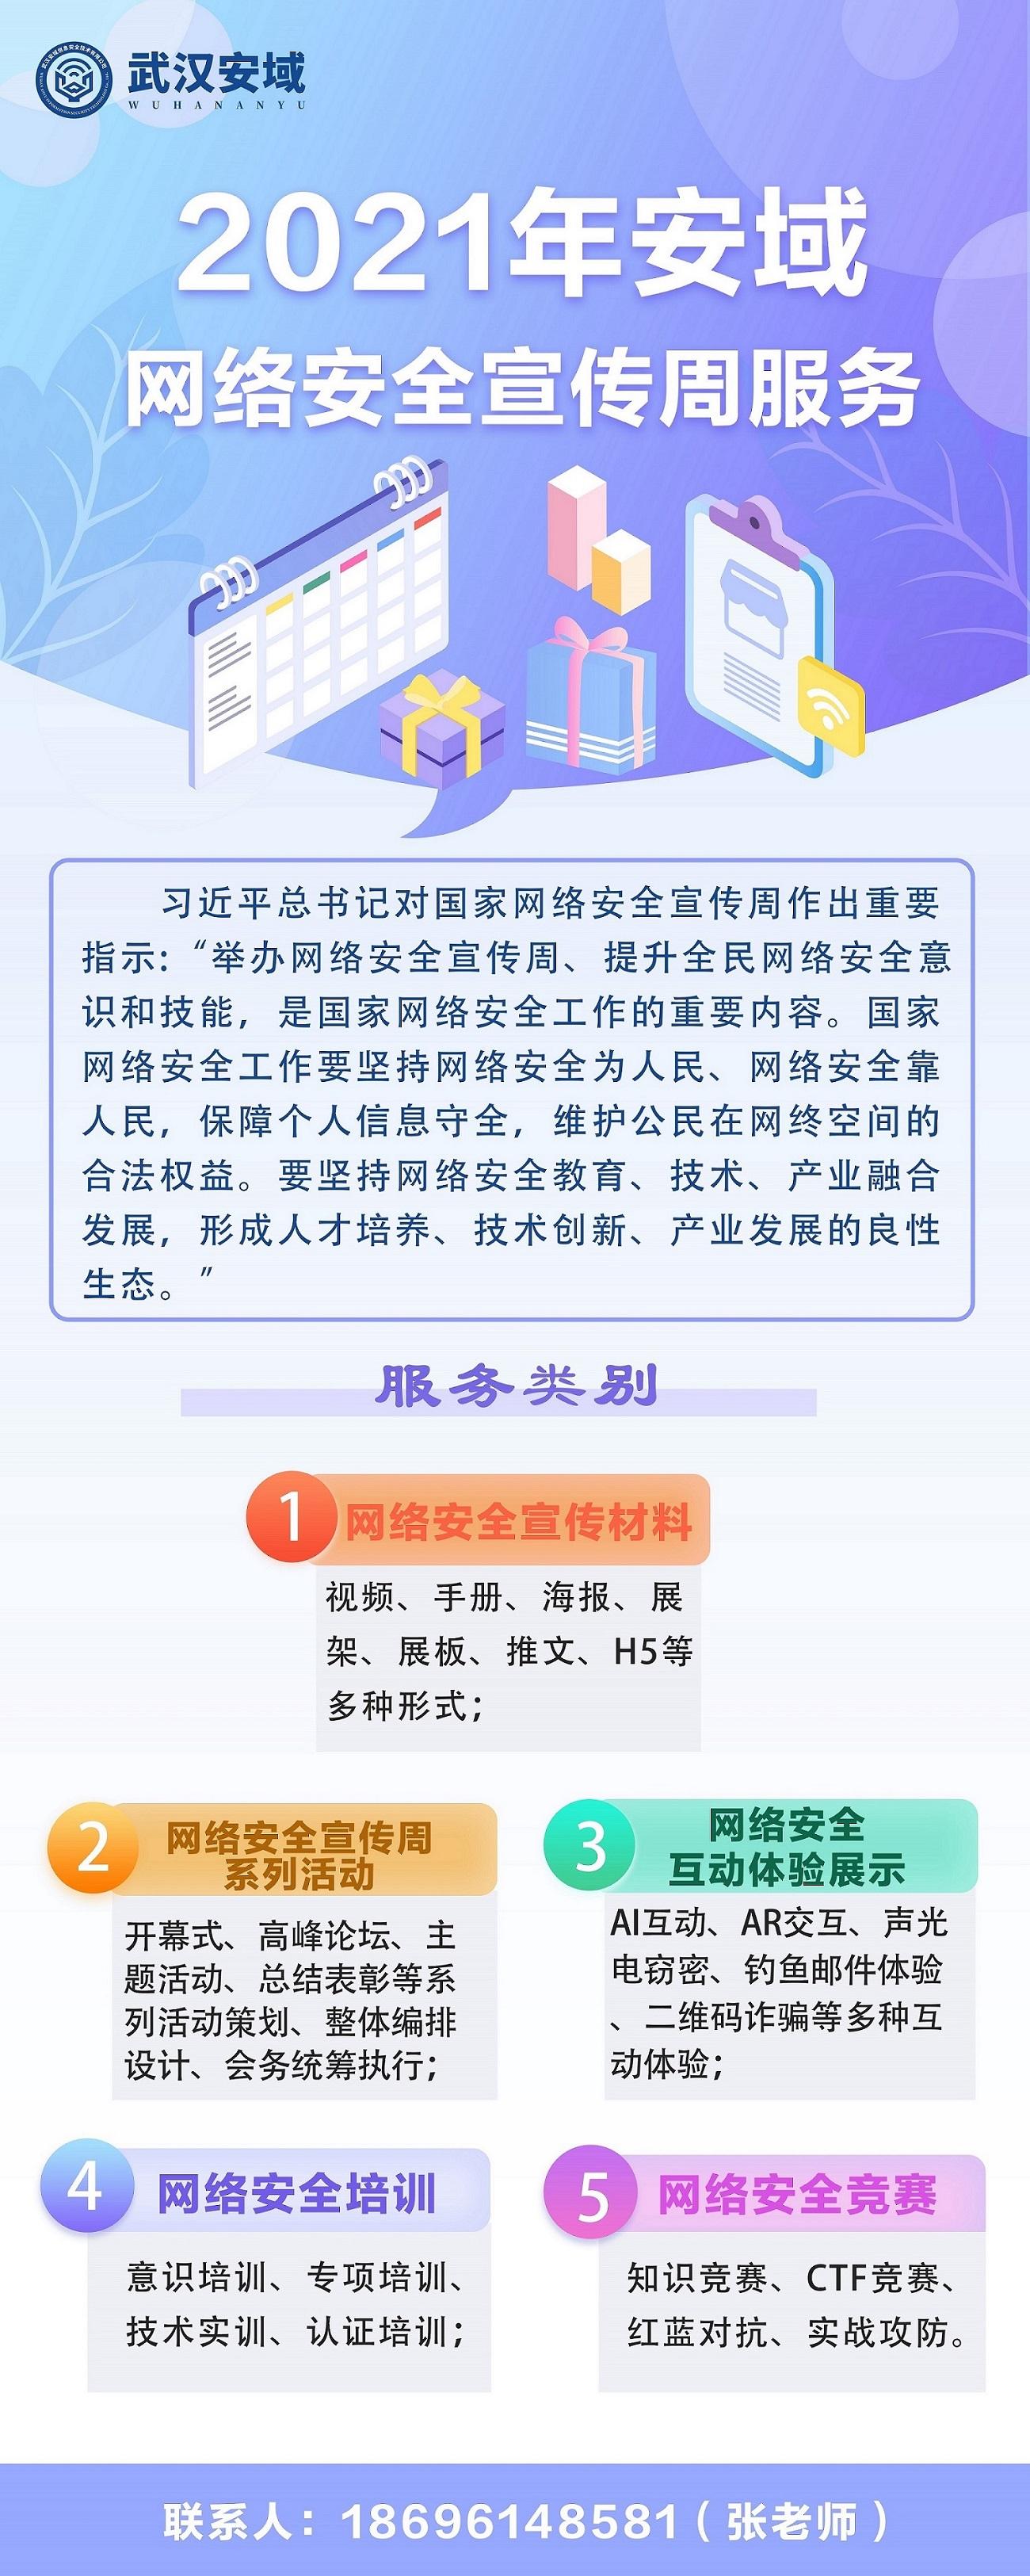 网络安全宣传周海报.jpg